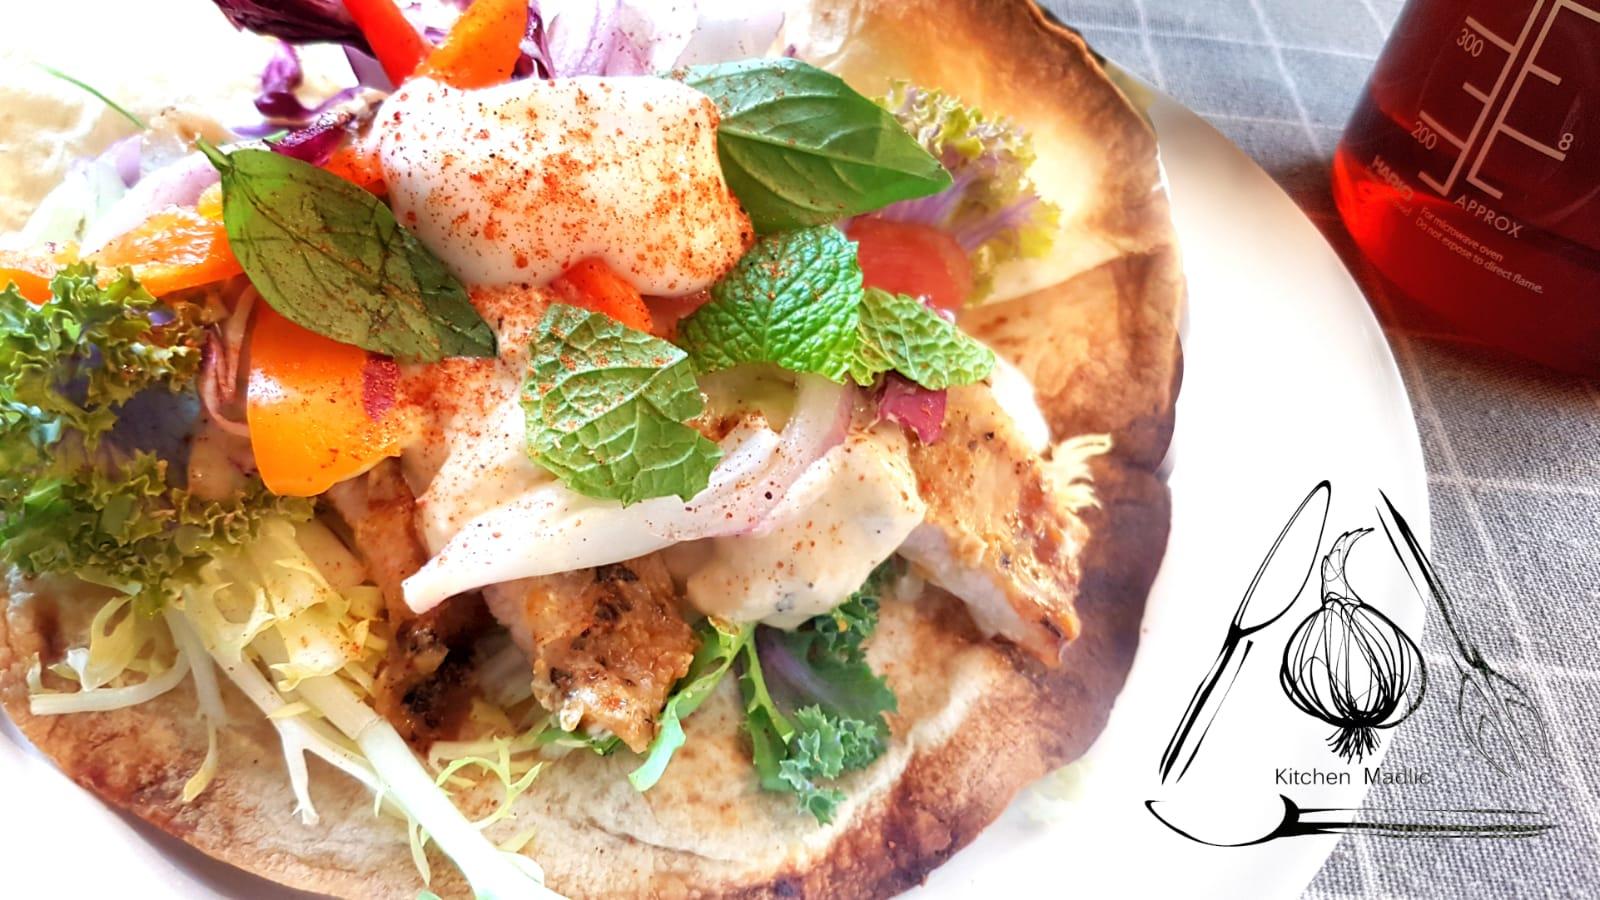 雙色伊比利豬肉墨西哥夾餅。(Kitchen Madlic提供)